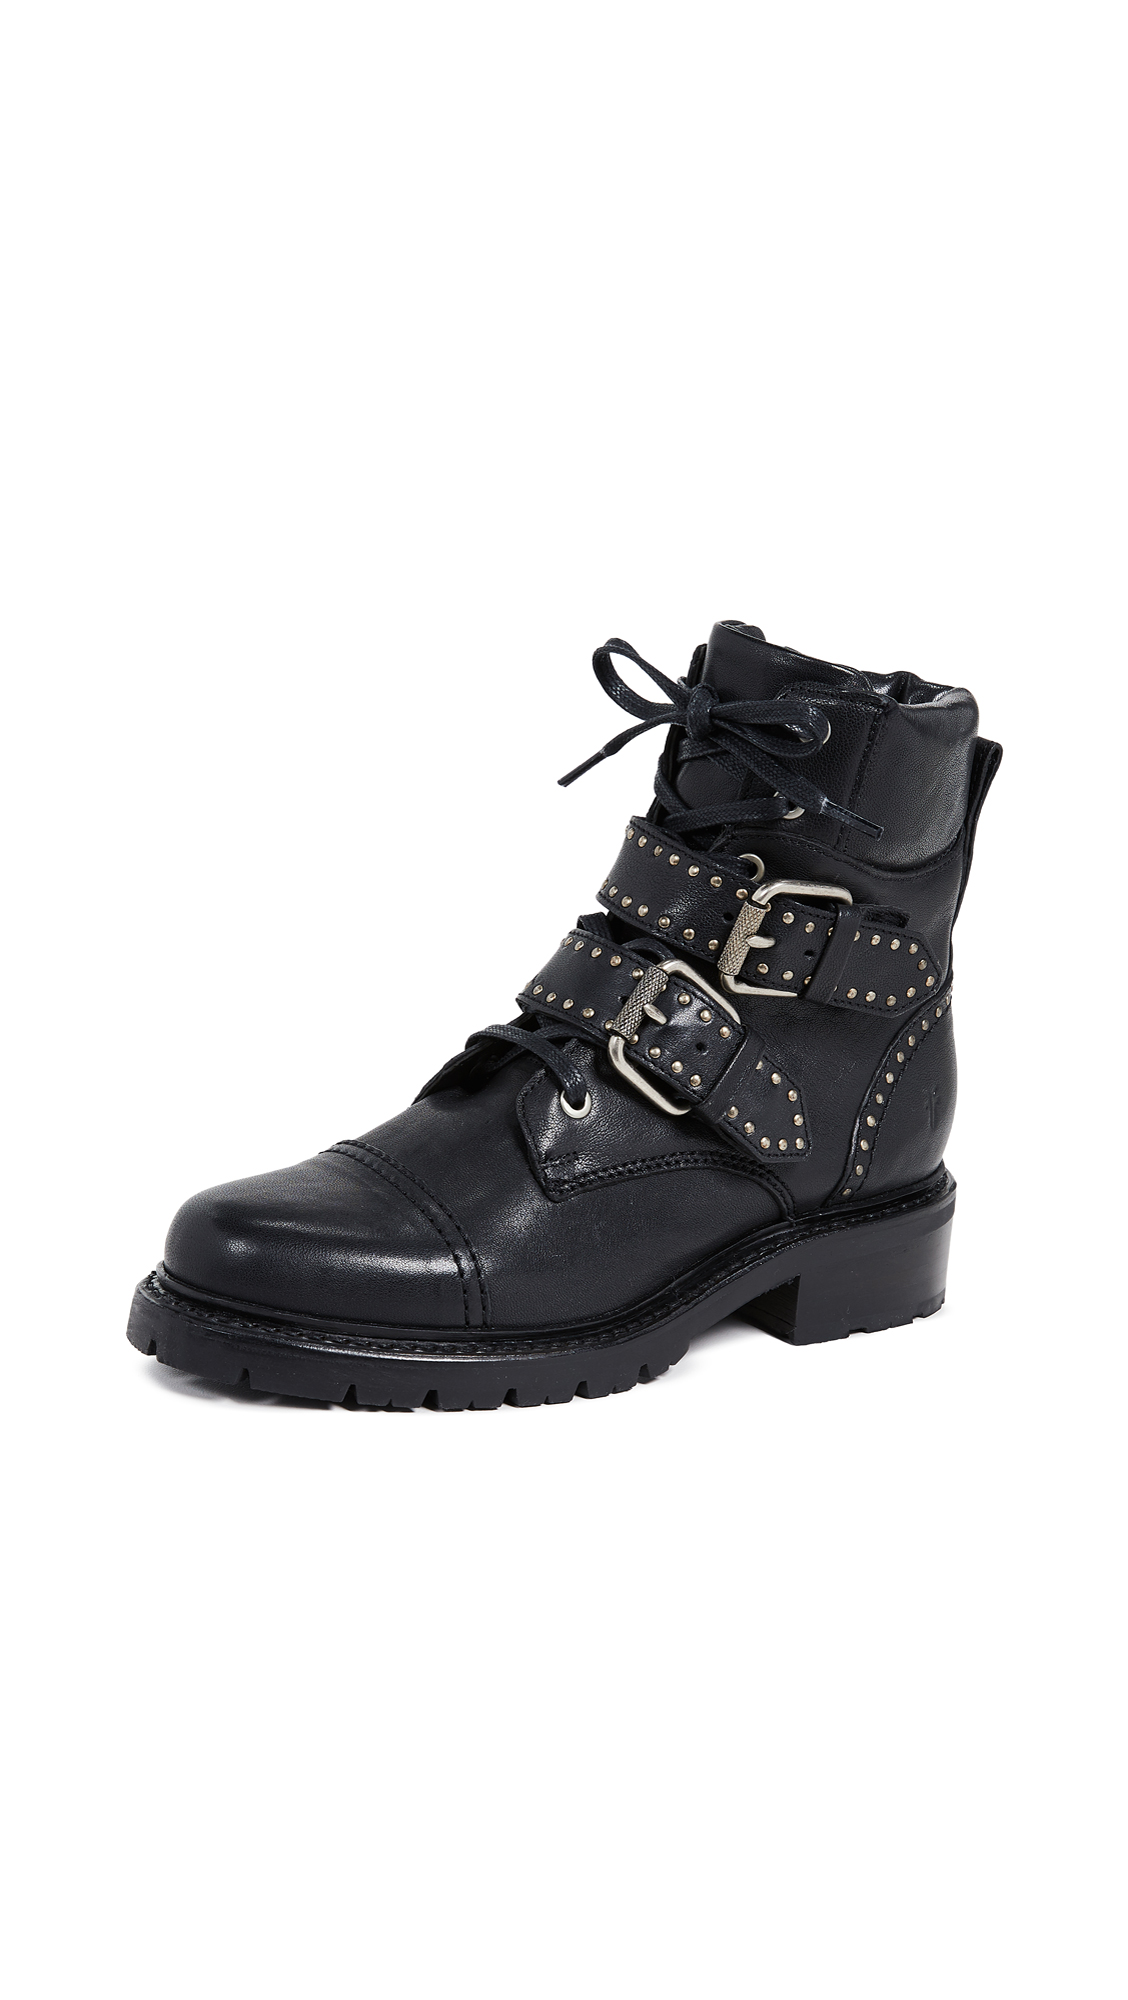 Frye Samantha Stud Belted Hiker Boots